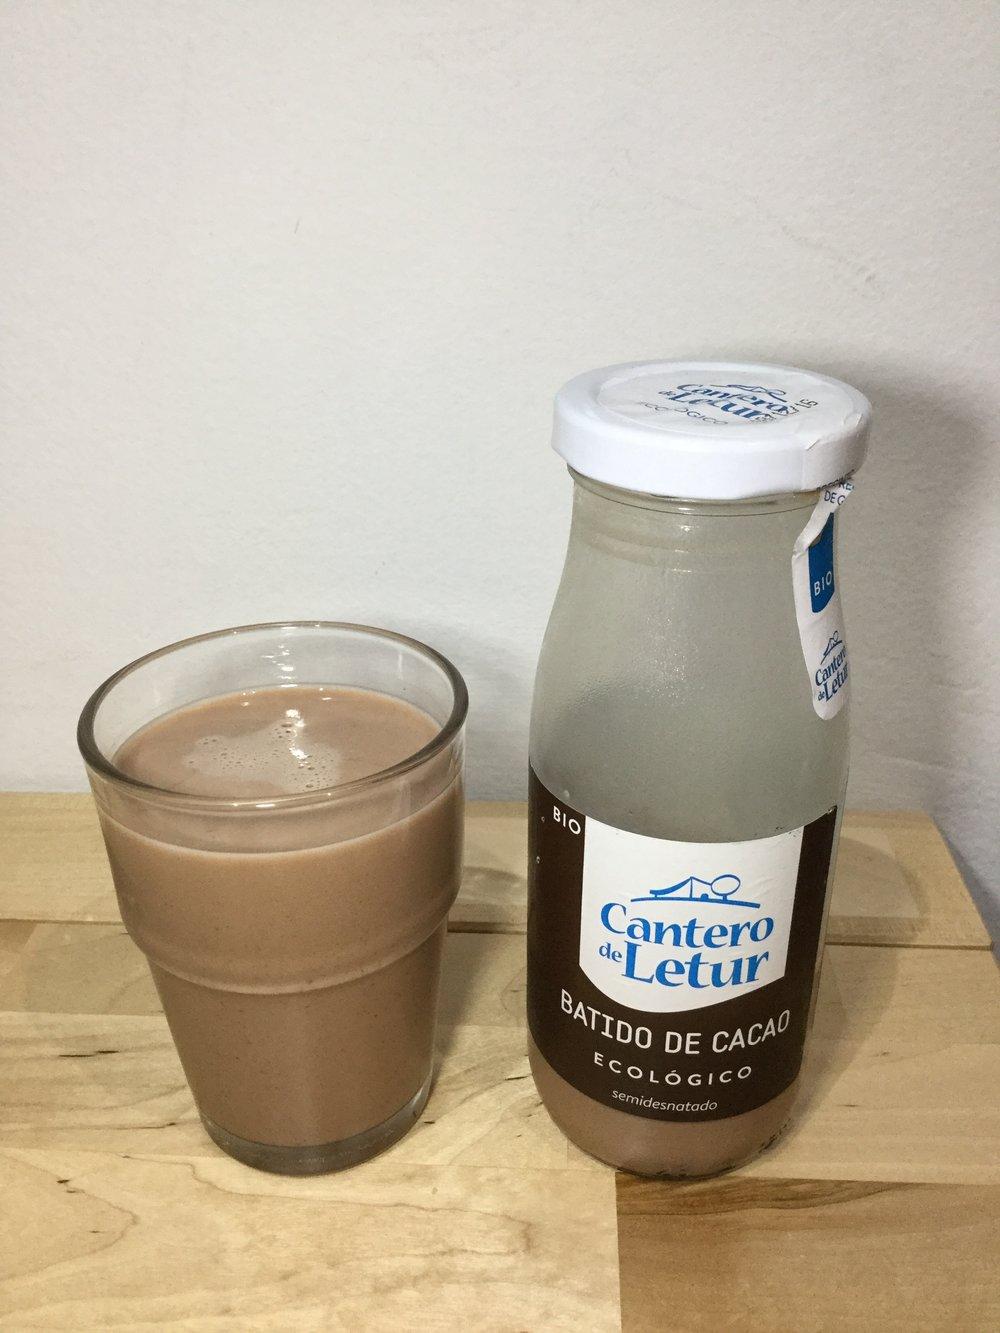 Cantero De Letur Batido De Cacao Ecológico Cup